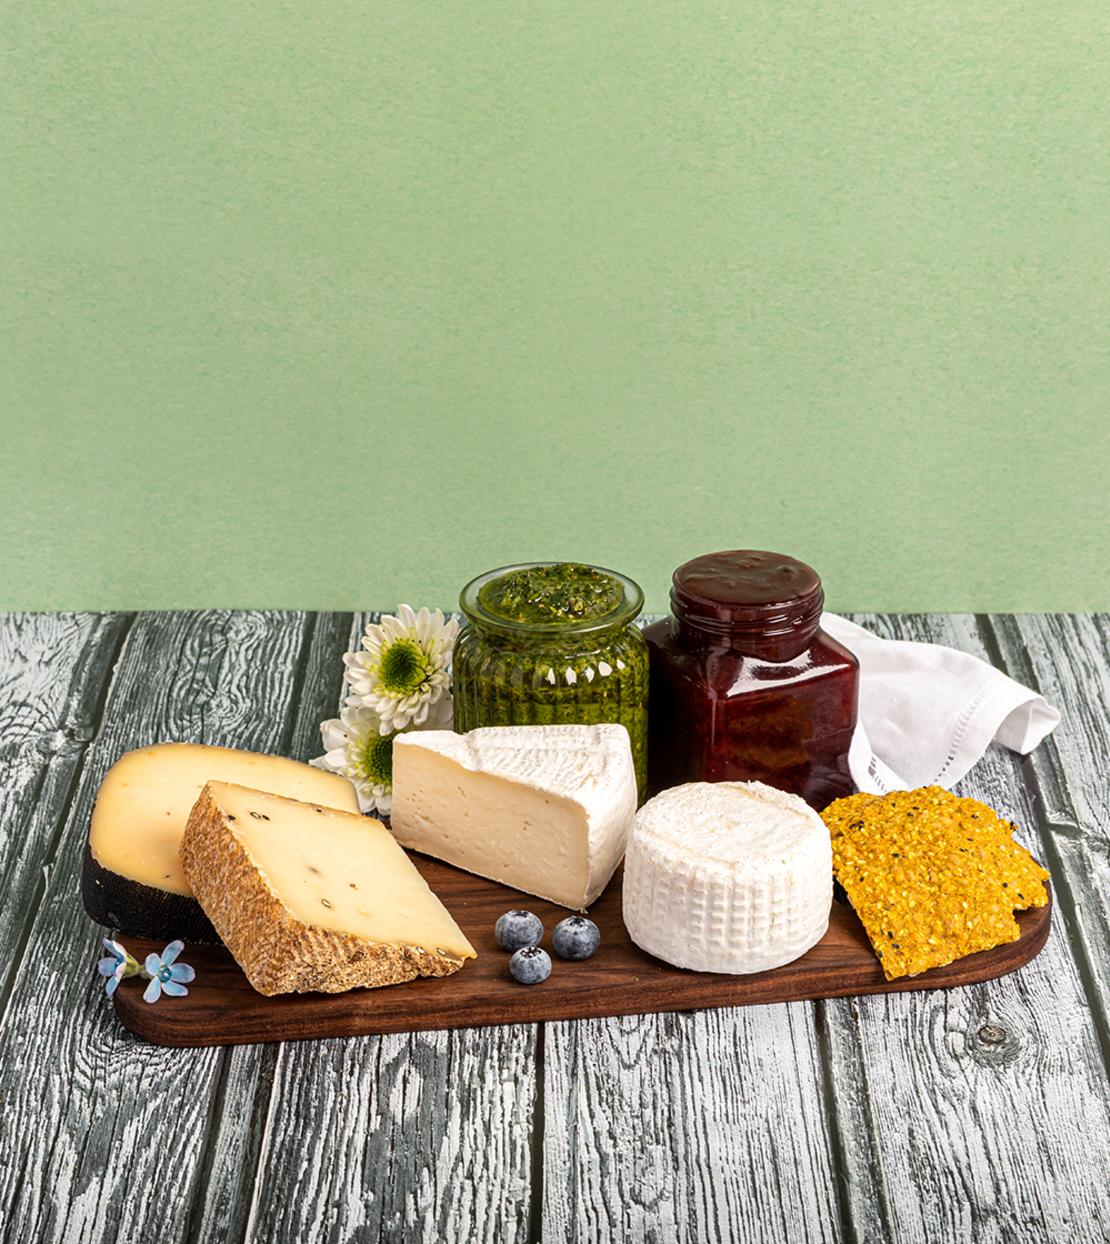 מארז יהודה - לחגיגת ראש השנה עם גבינות ומטבלים